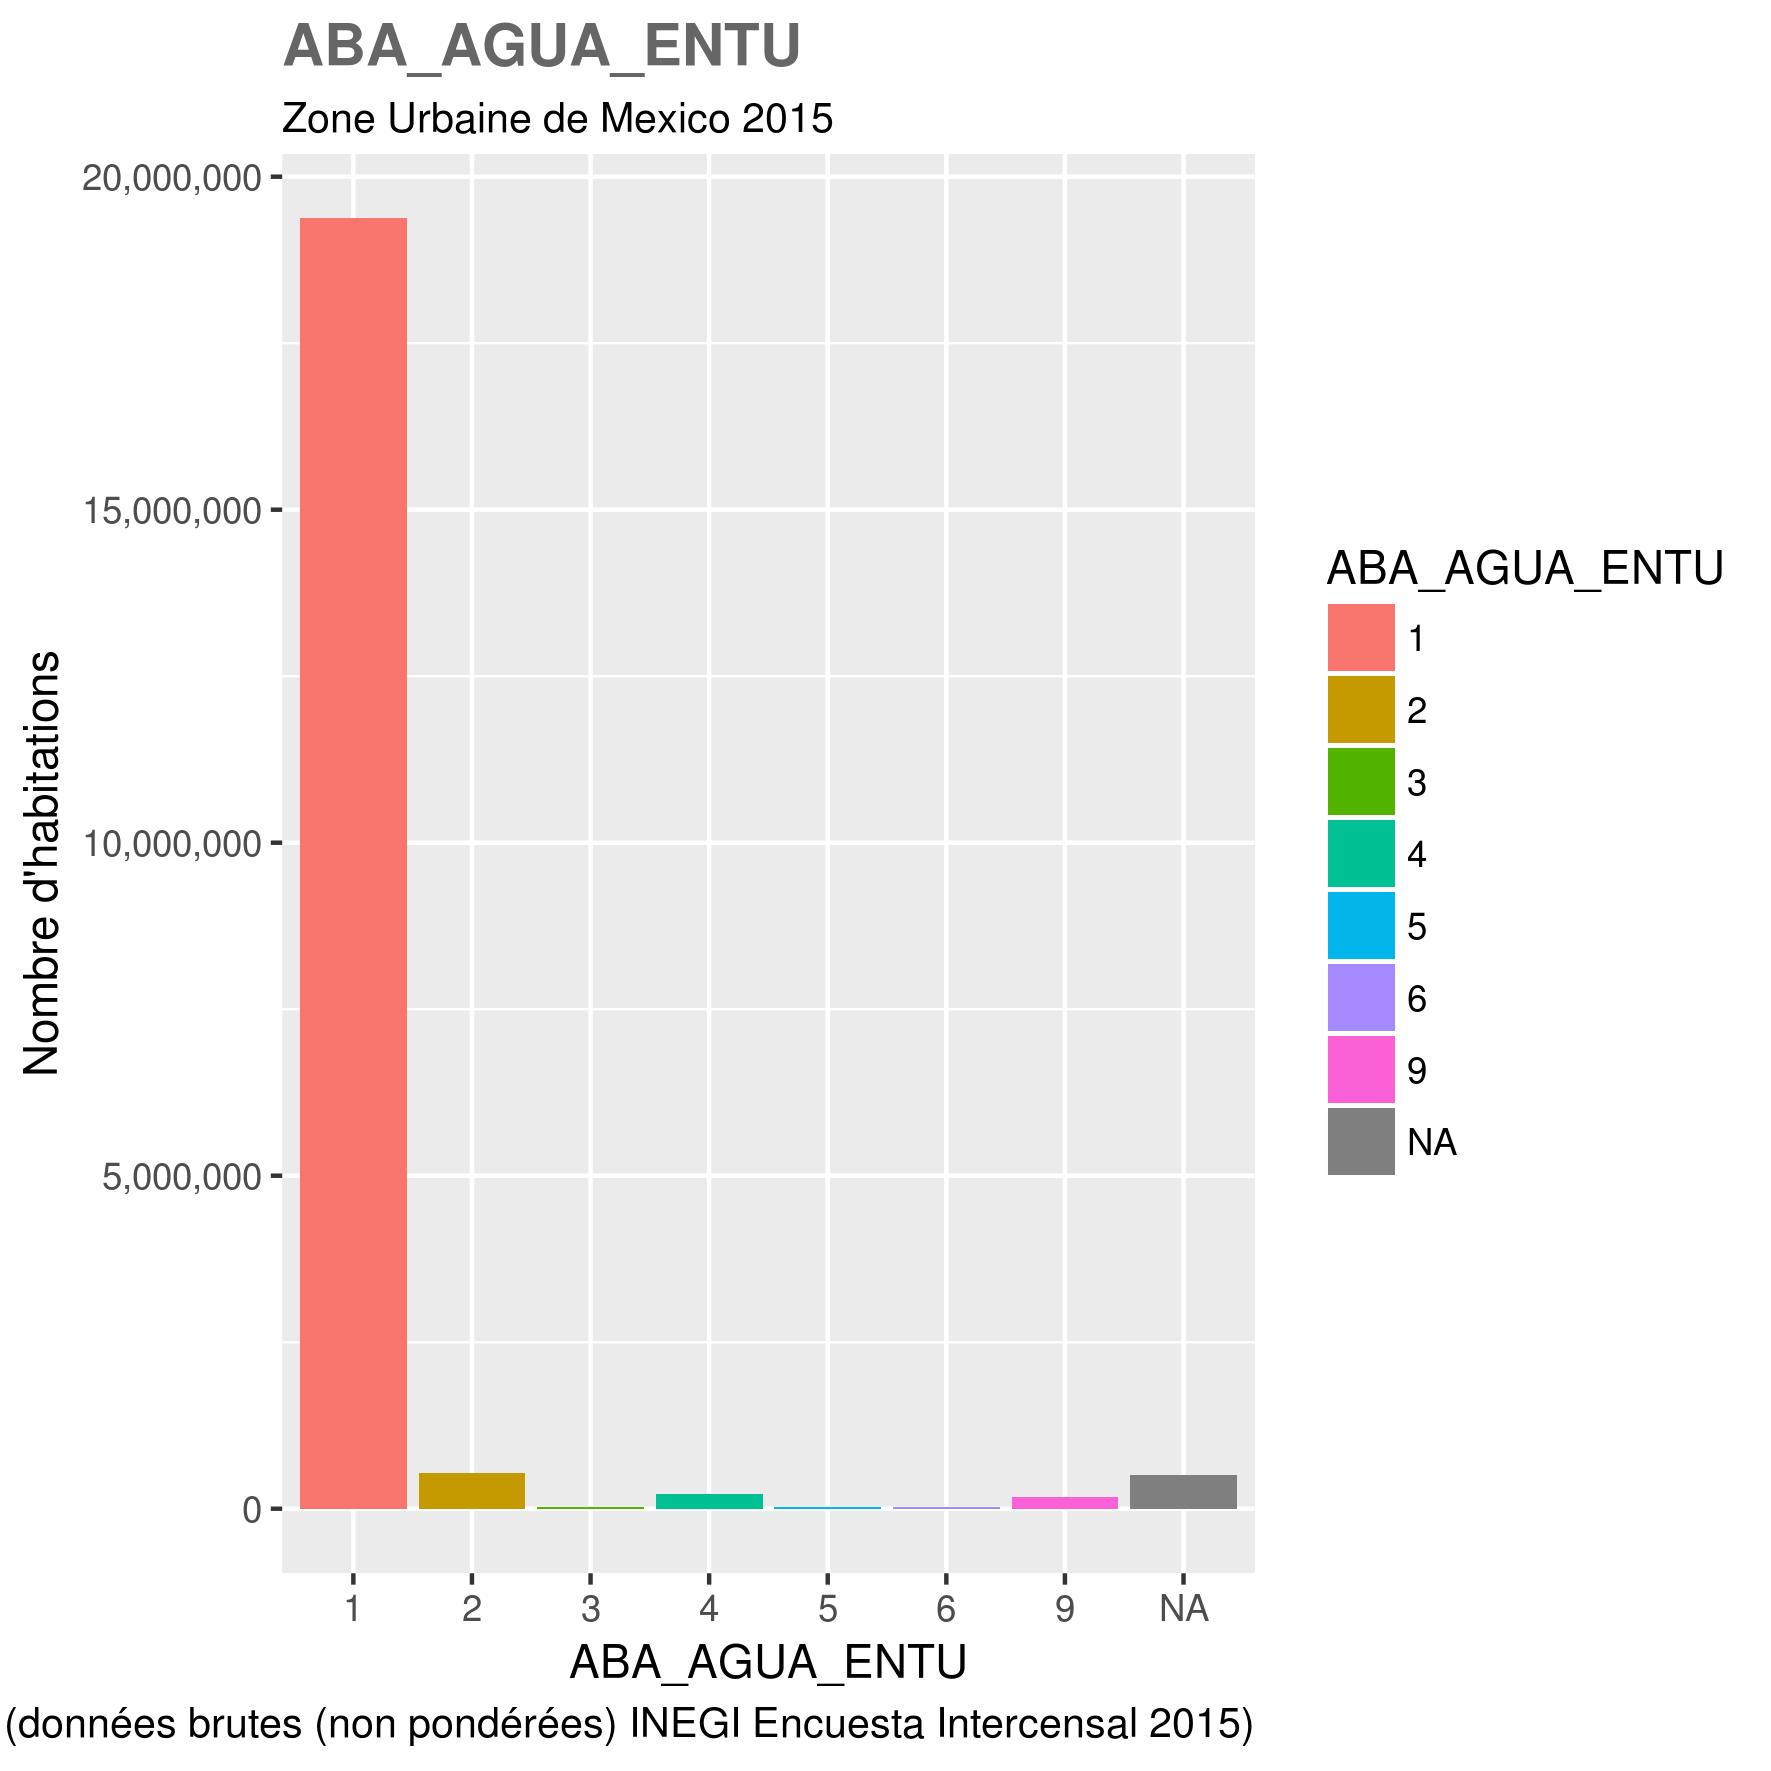 docs/images/ZUM_toutes_variables/2015_ZUM_ABA_AGUA_ENTU.png